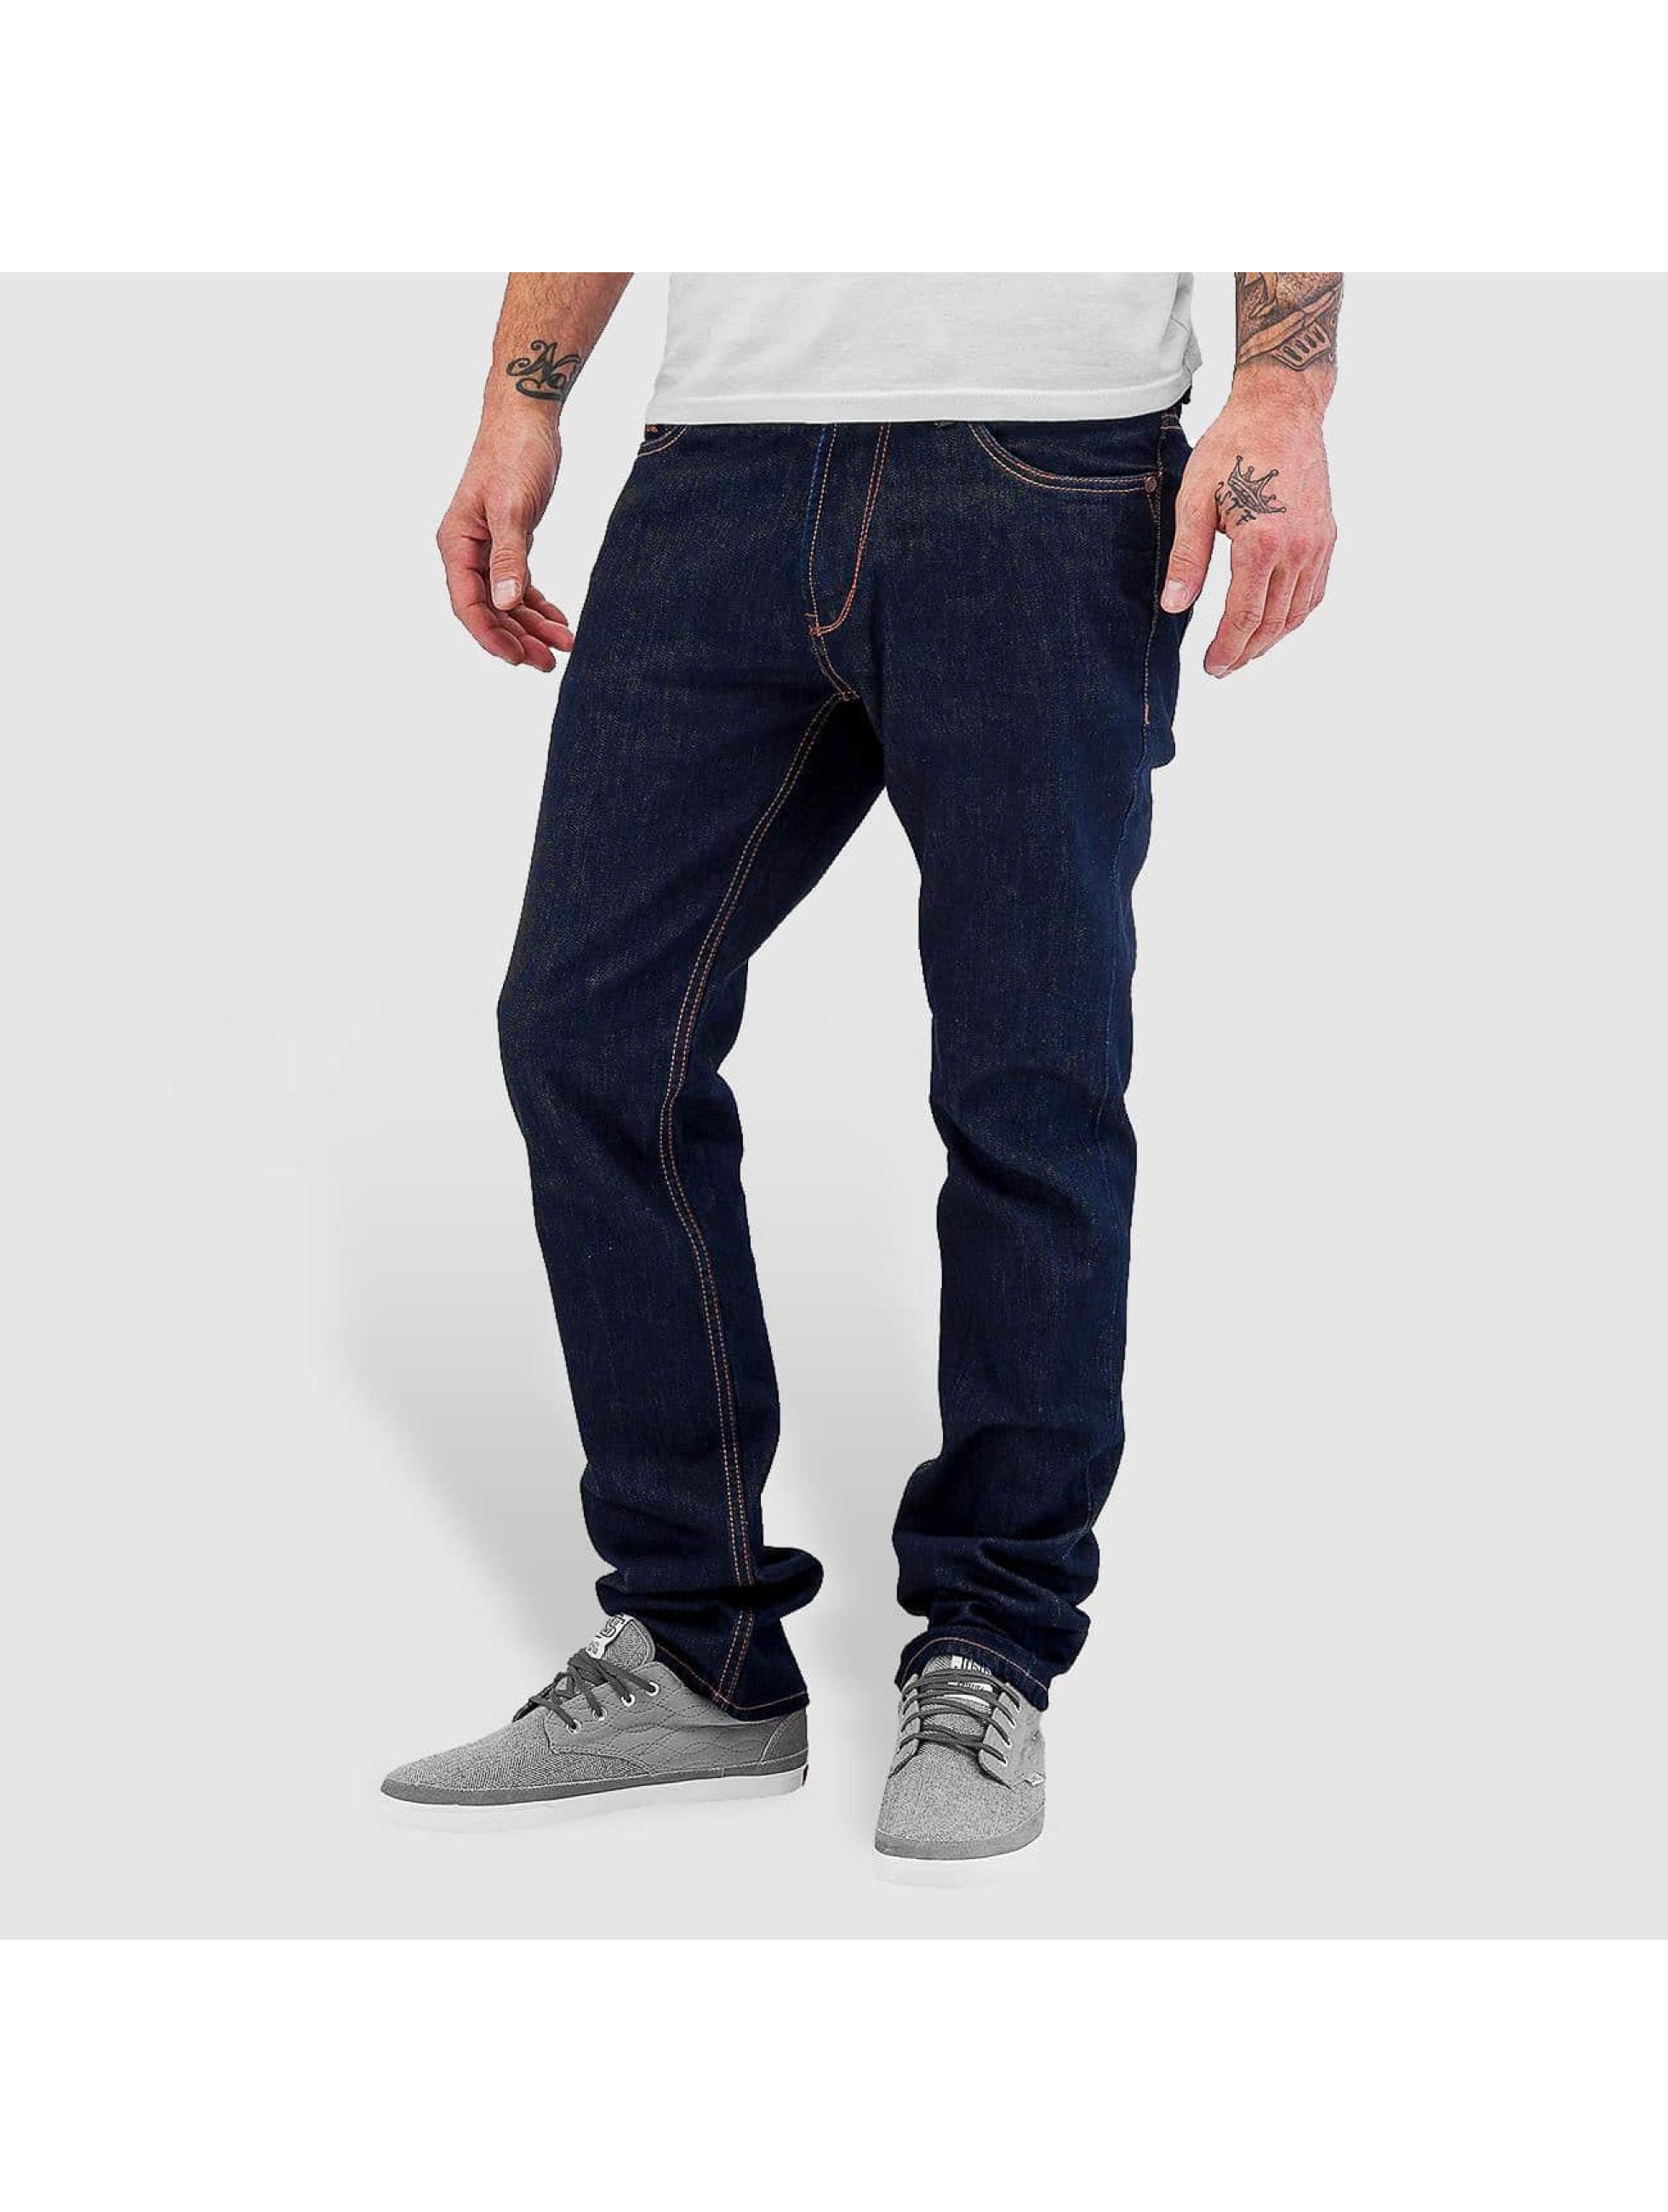 Reell Jeans Джинсы прямого покроя Trigger индиго